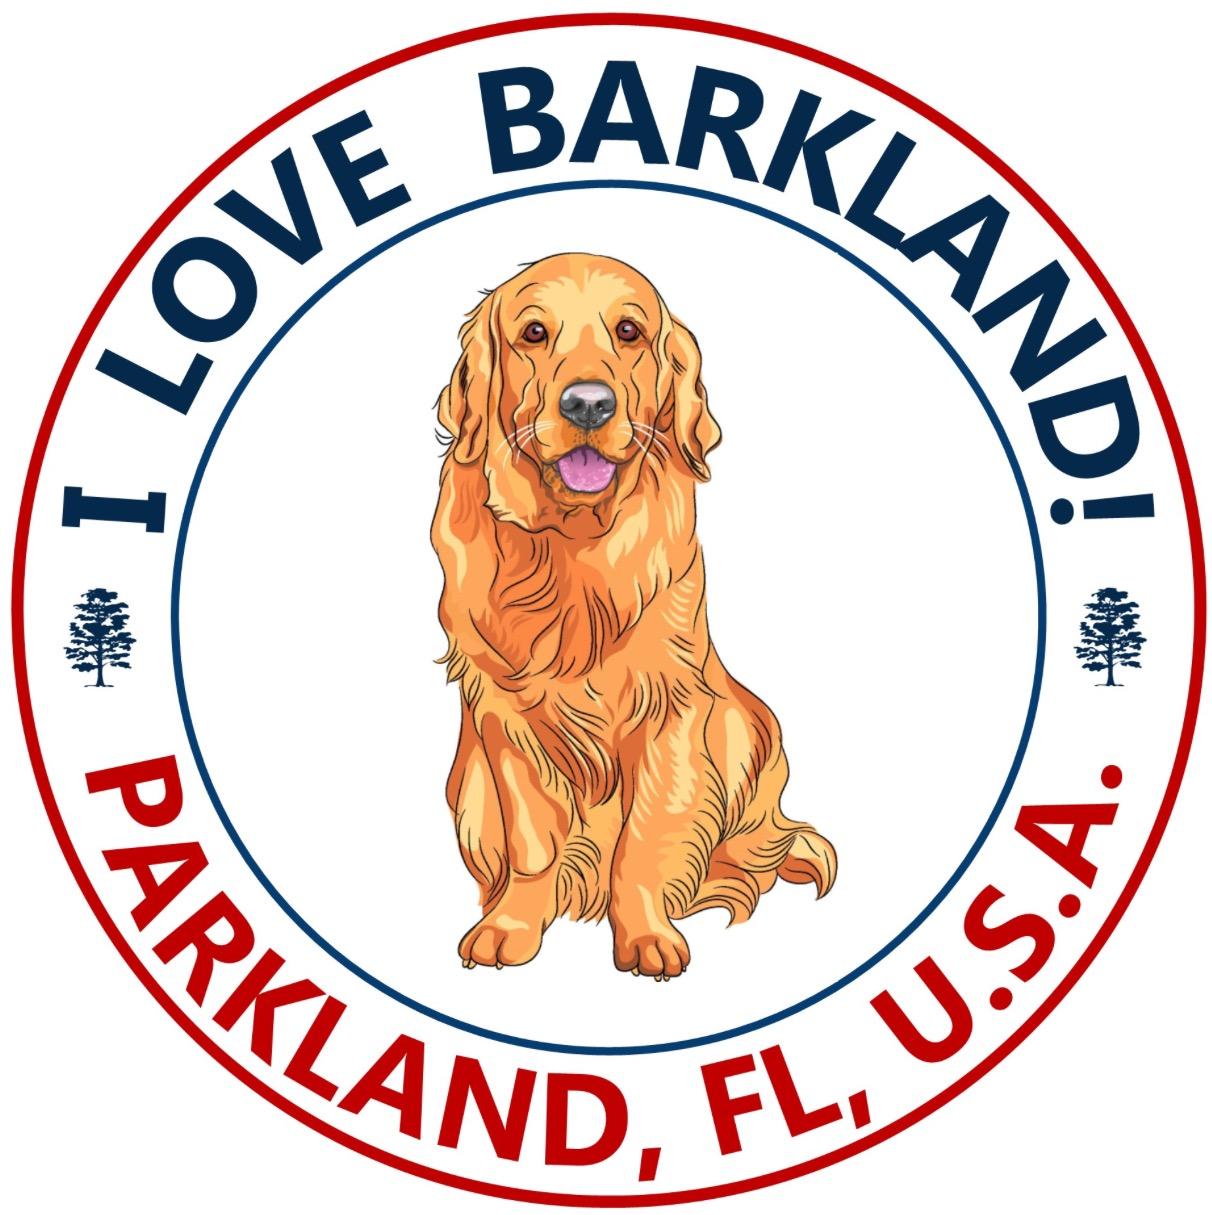 I LOVE BARKLAND!